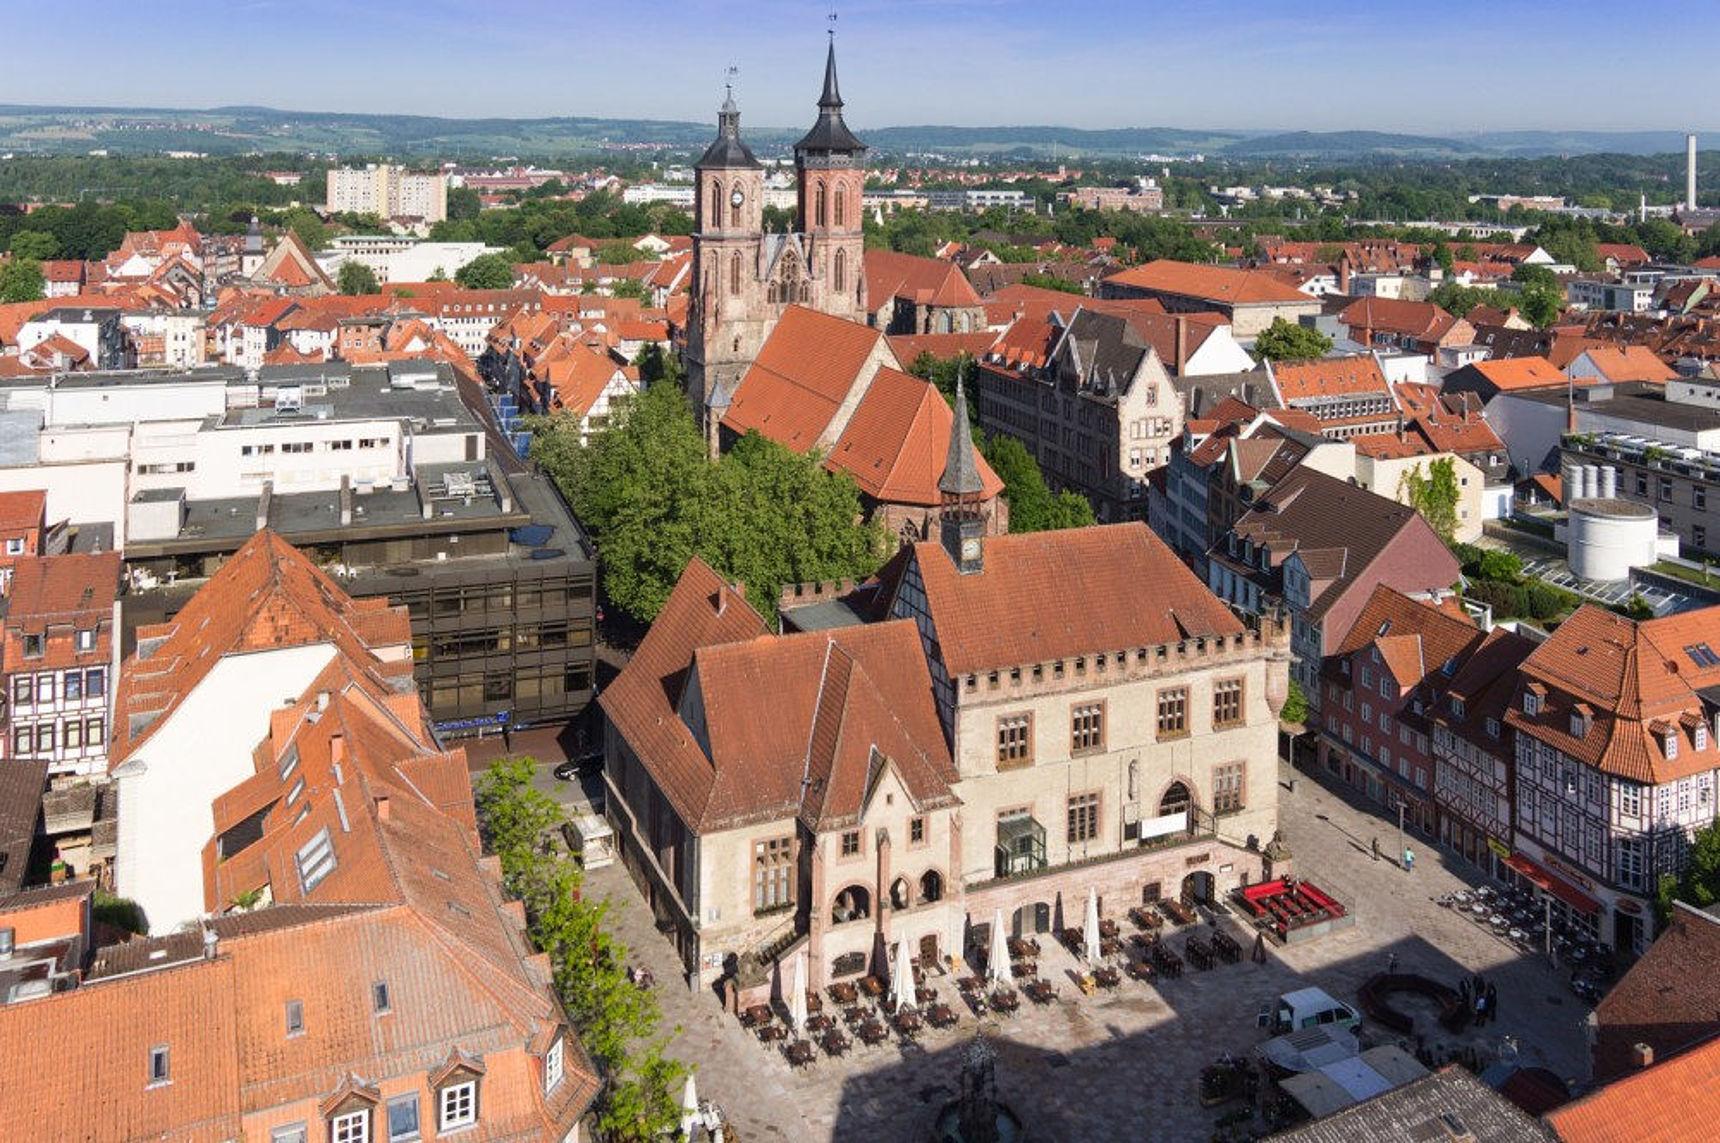 Altes Rathaus und Marktplatz